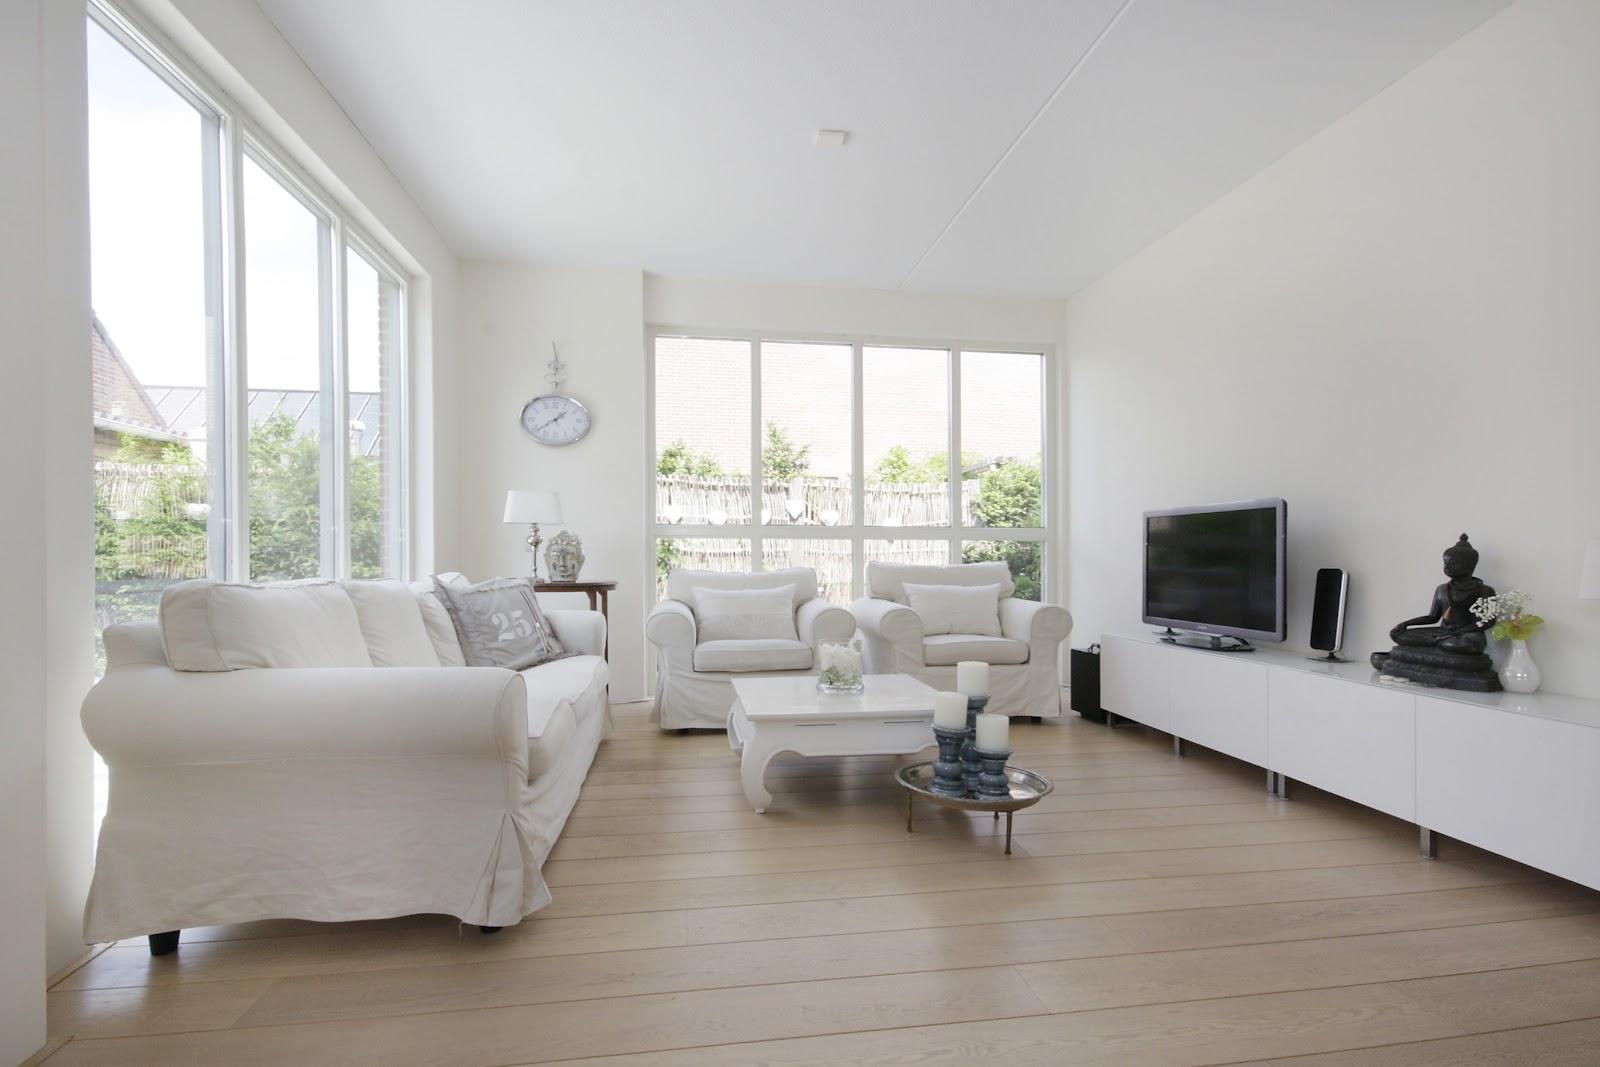 Landelijke Slaapkamer Behang : behang slaapkamer landelijk : Nl ...